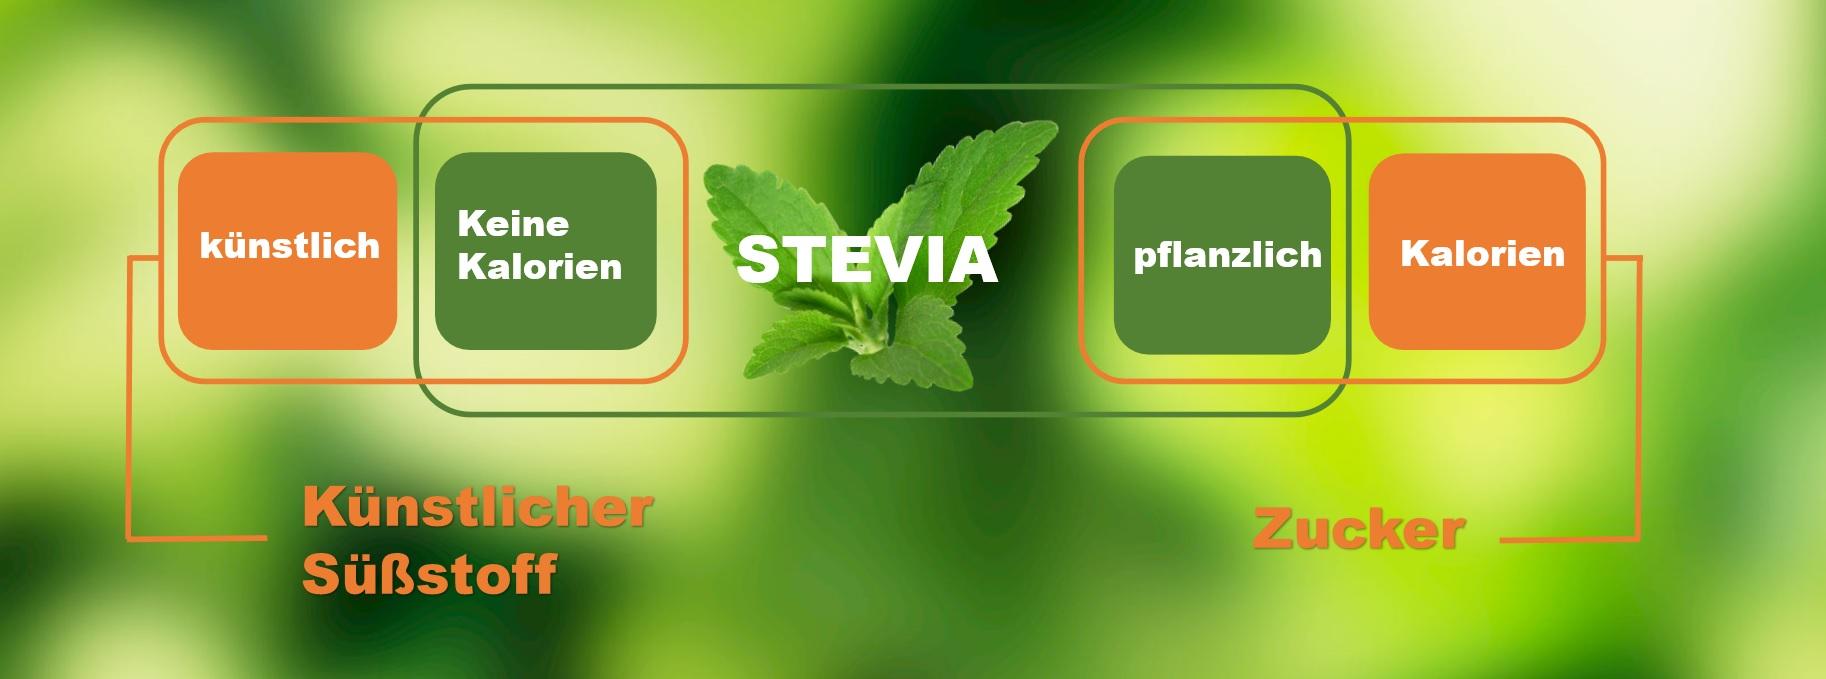 stevia süssung